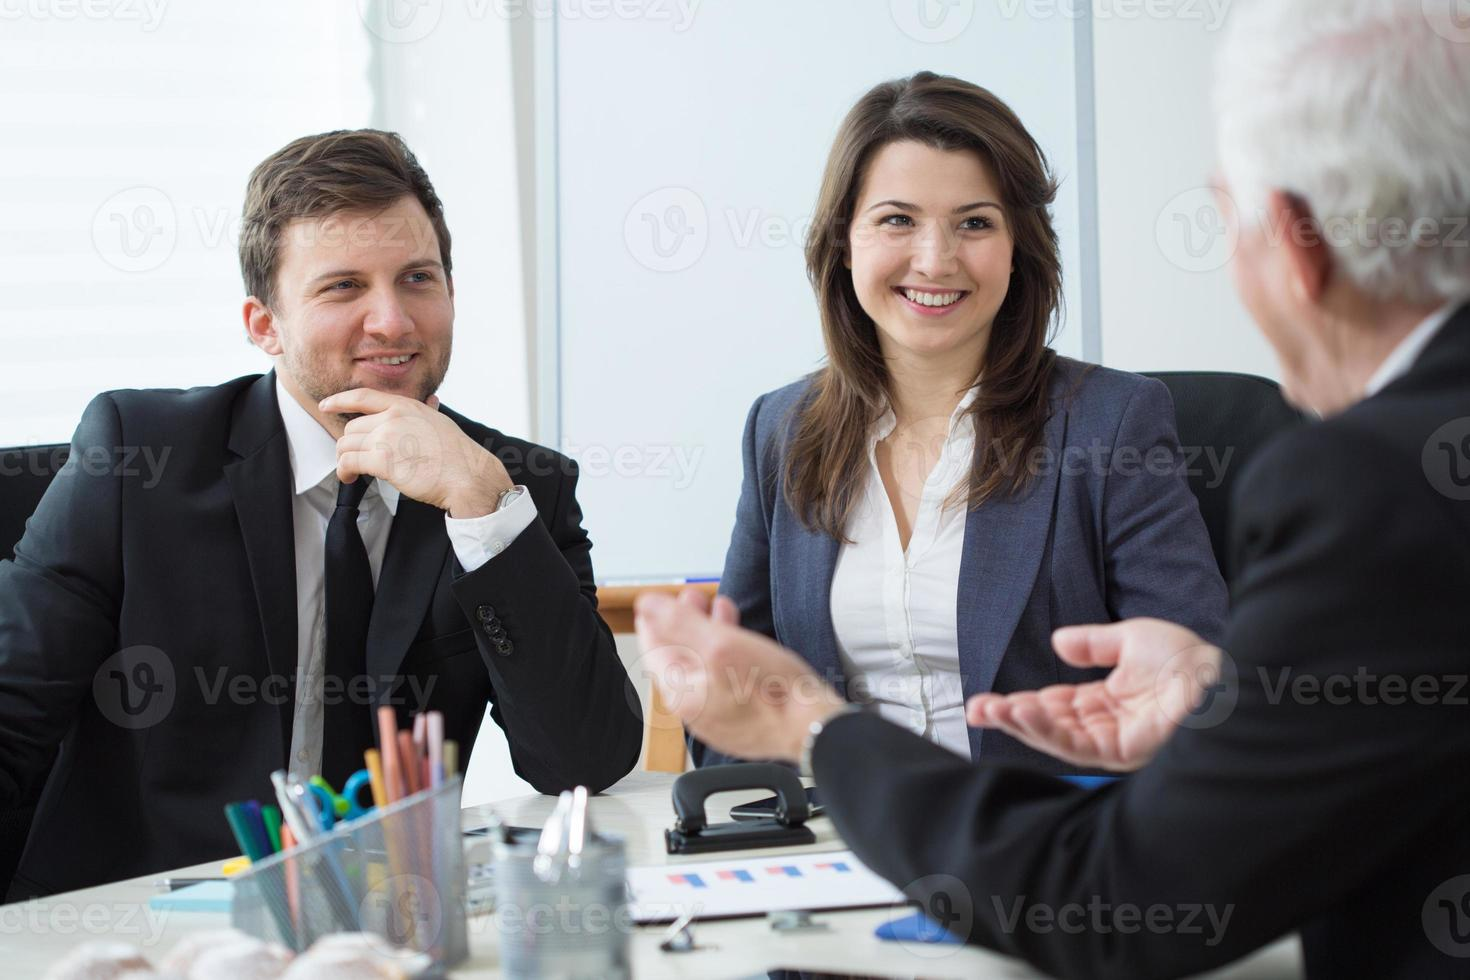 sonriente hombre y mujer escuchando hablar hombre mayor foto